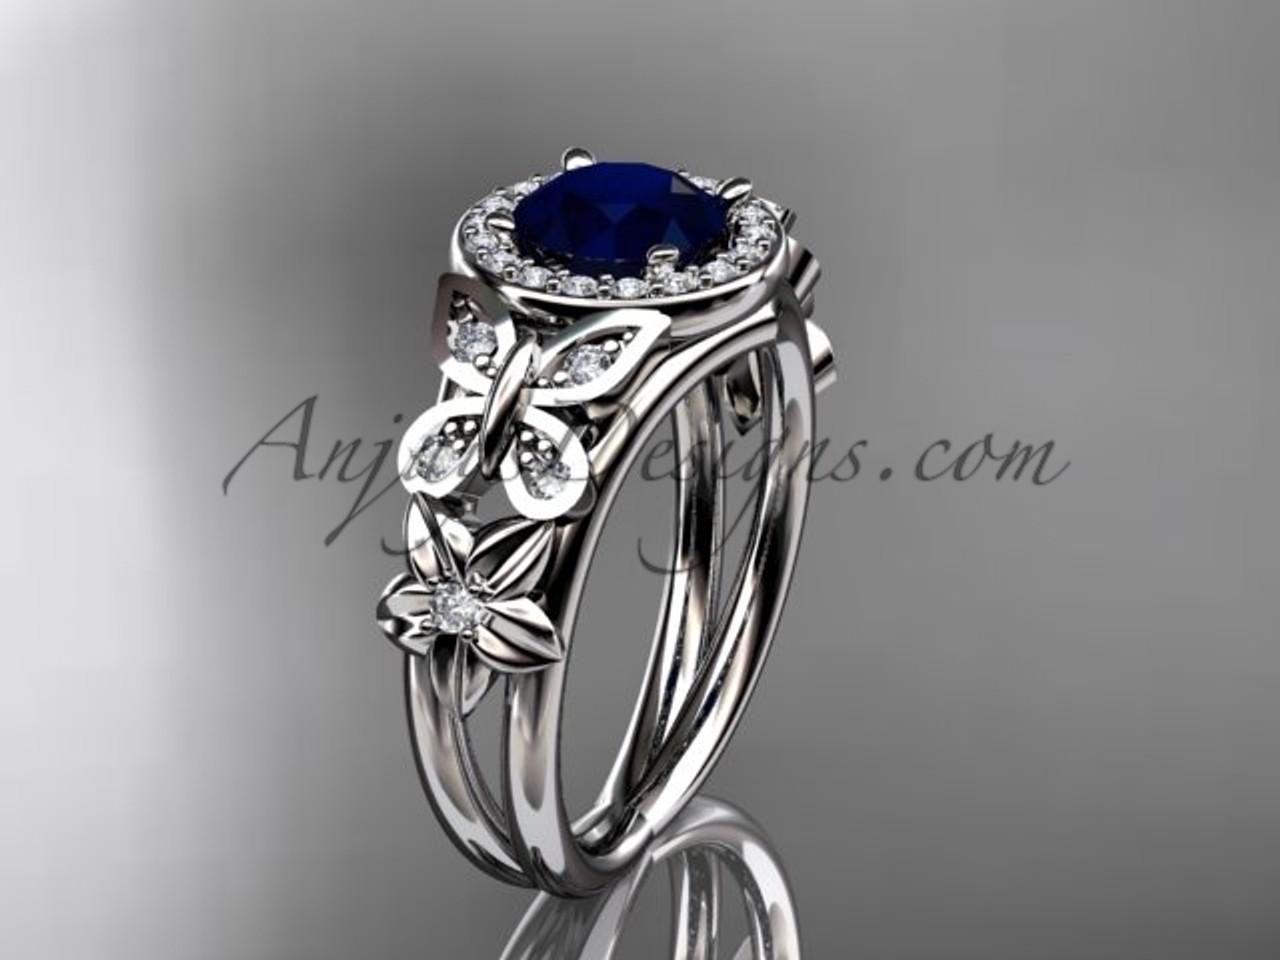 Wonderful Blue Sapphire Engagement Rings Platinum Bridal Ring ADBS524 OJ14